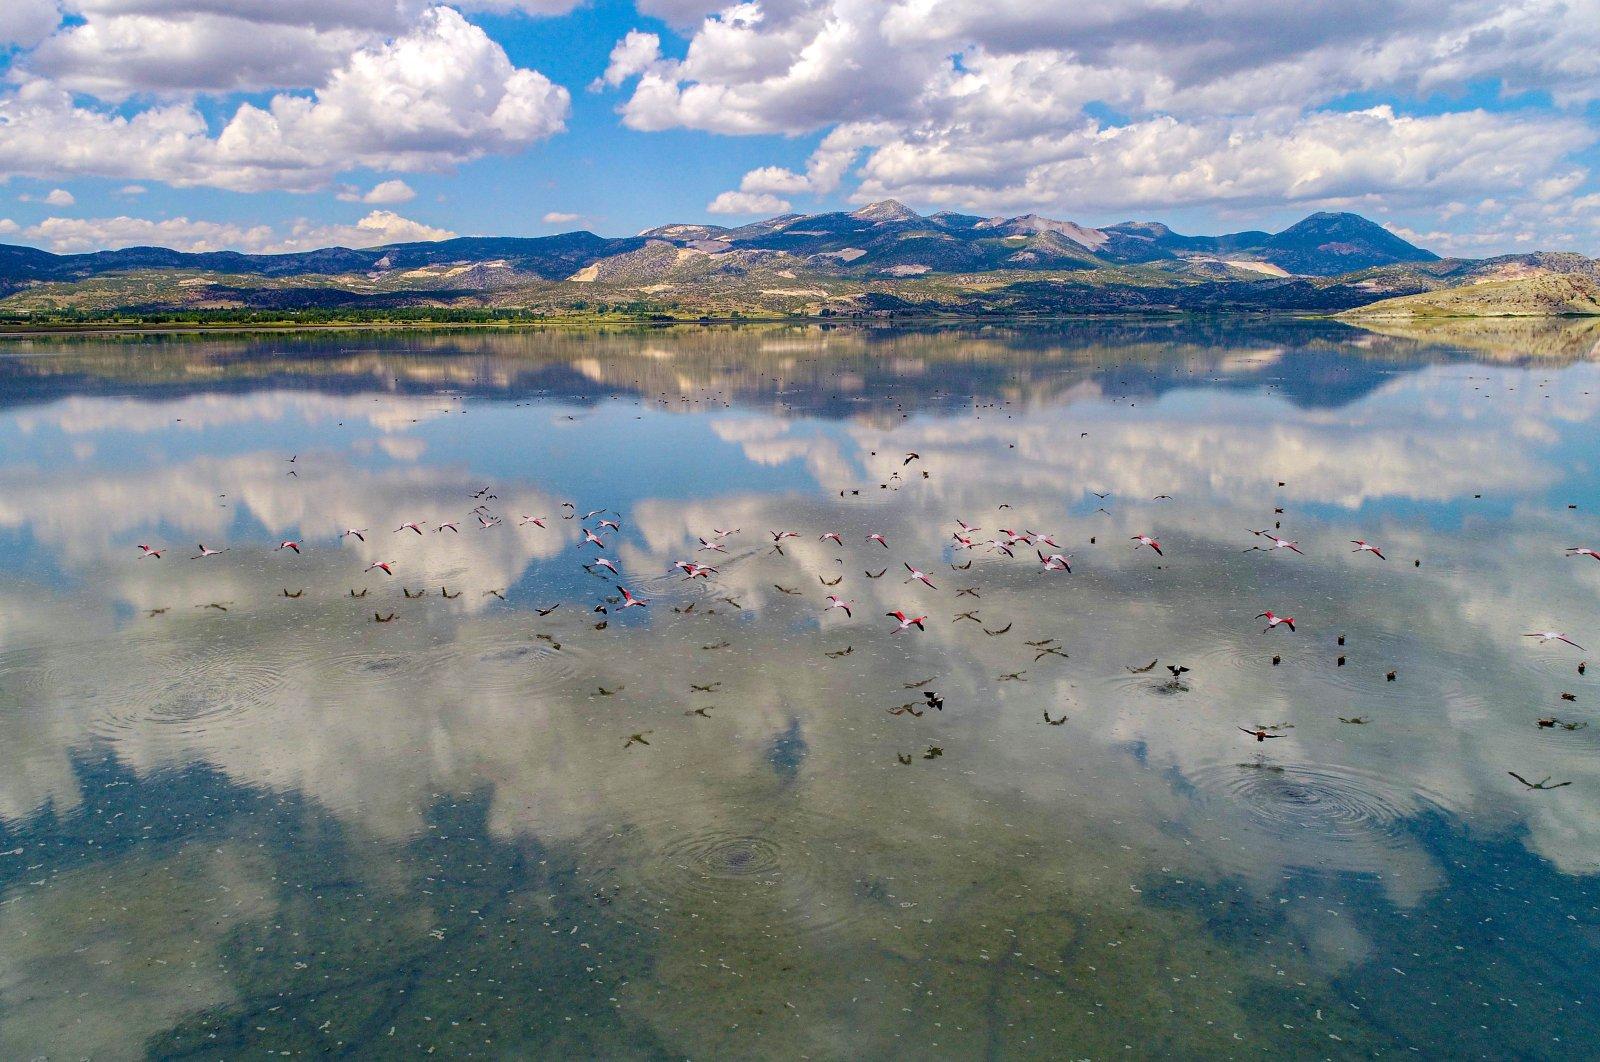 Migratory birds fly over Yarışlı Lake, Burdur, June 6, 2020. (DHA Photo)